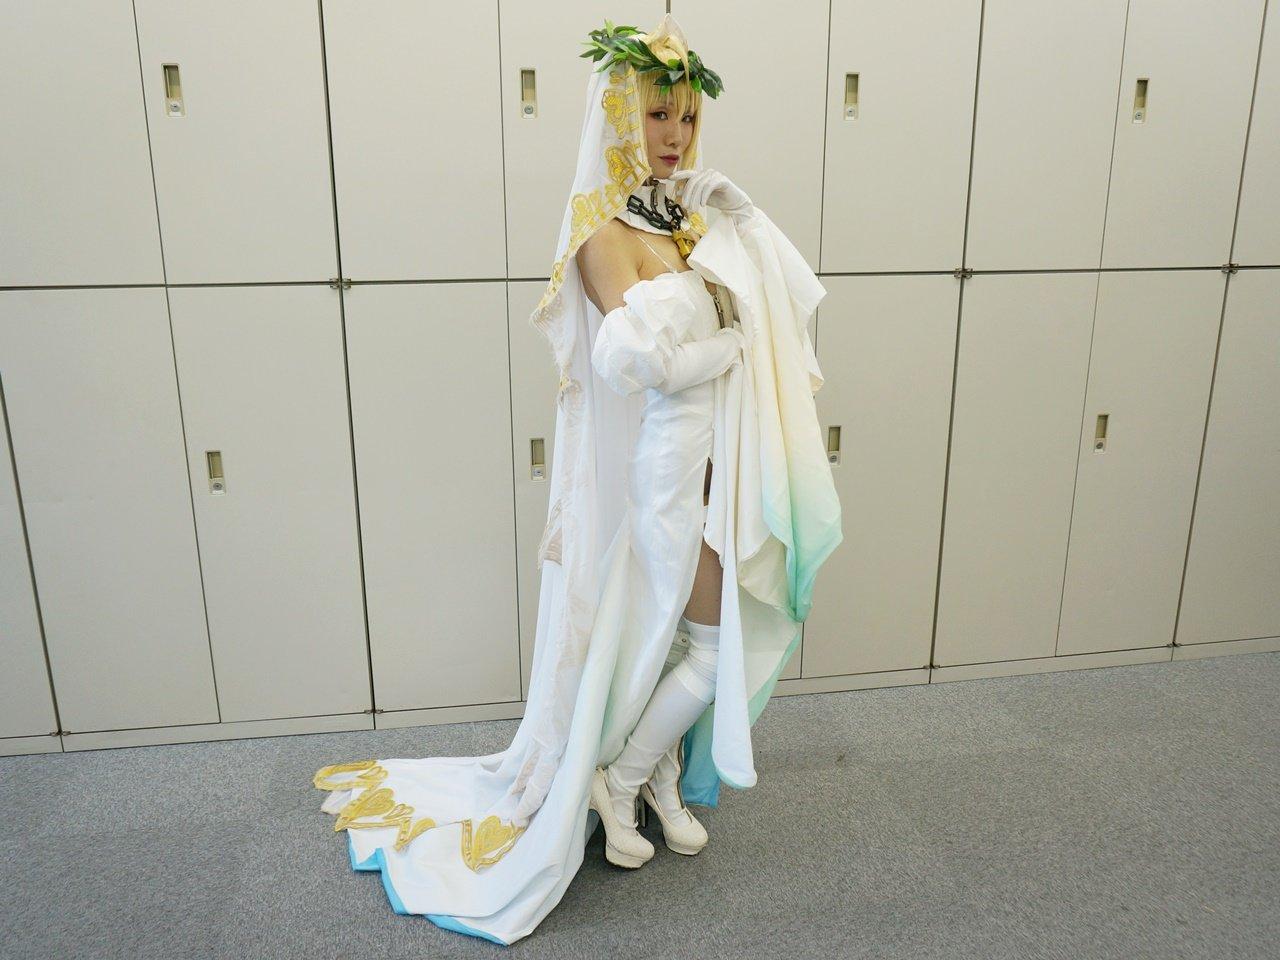 「30万課金したけど…」『FGO』武蔵ちゃん、嫁ネロ、スカサハら美女レイヤー座談会の画像007